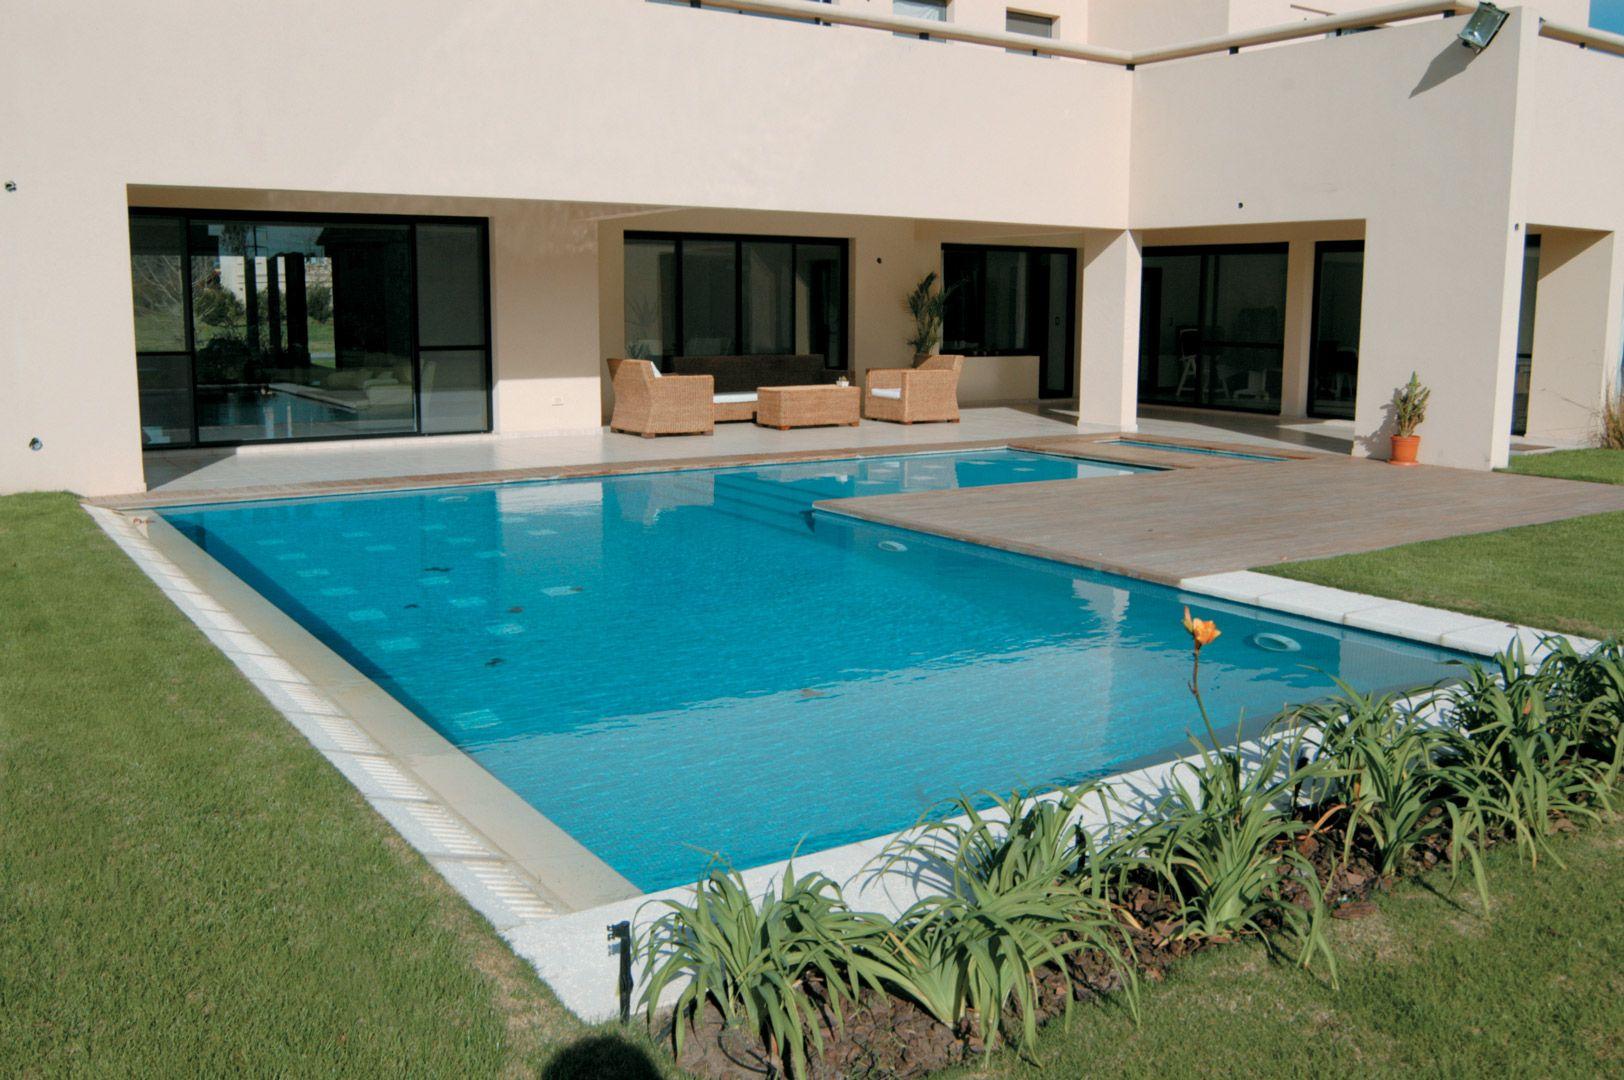 Arquinova Casas - Fredi Llosa. Màs info y fotos en www.PortaldeArquitectos.com